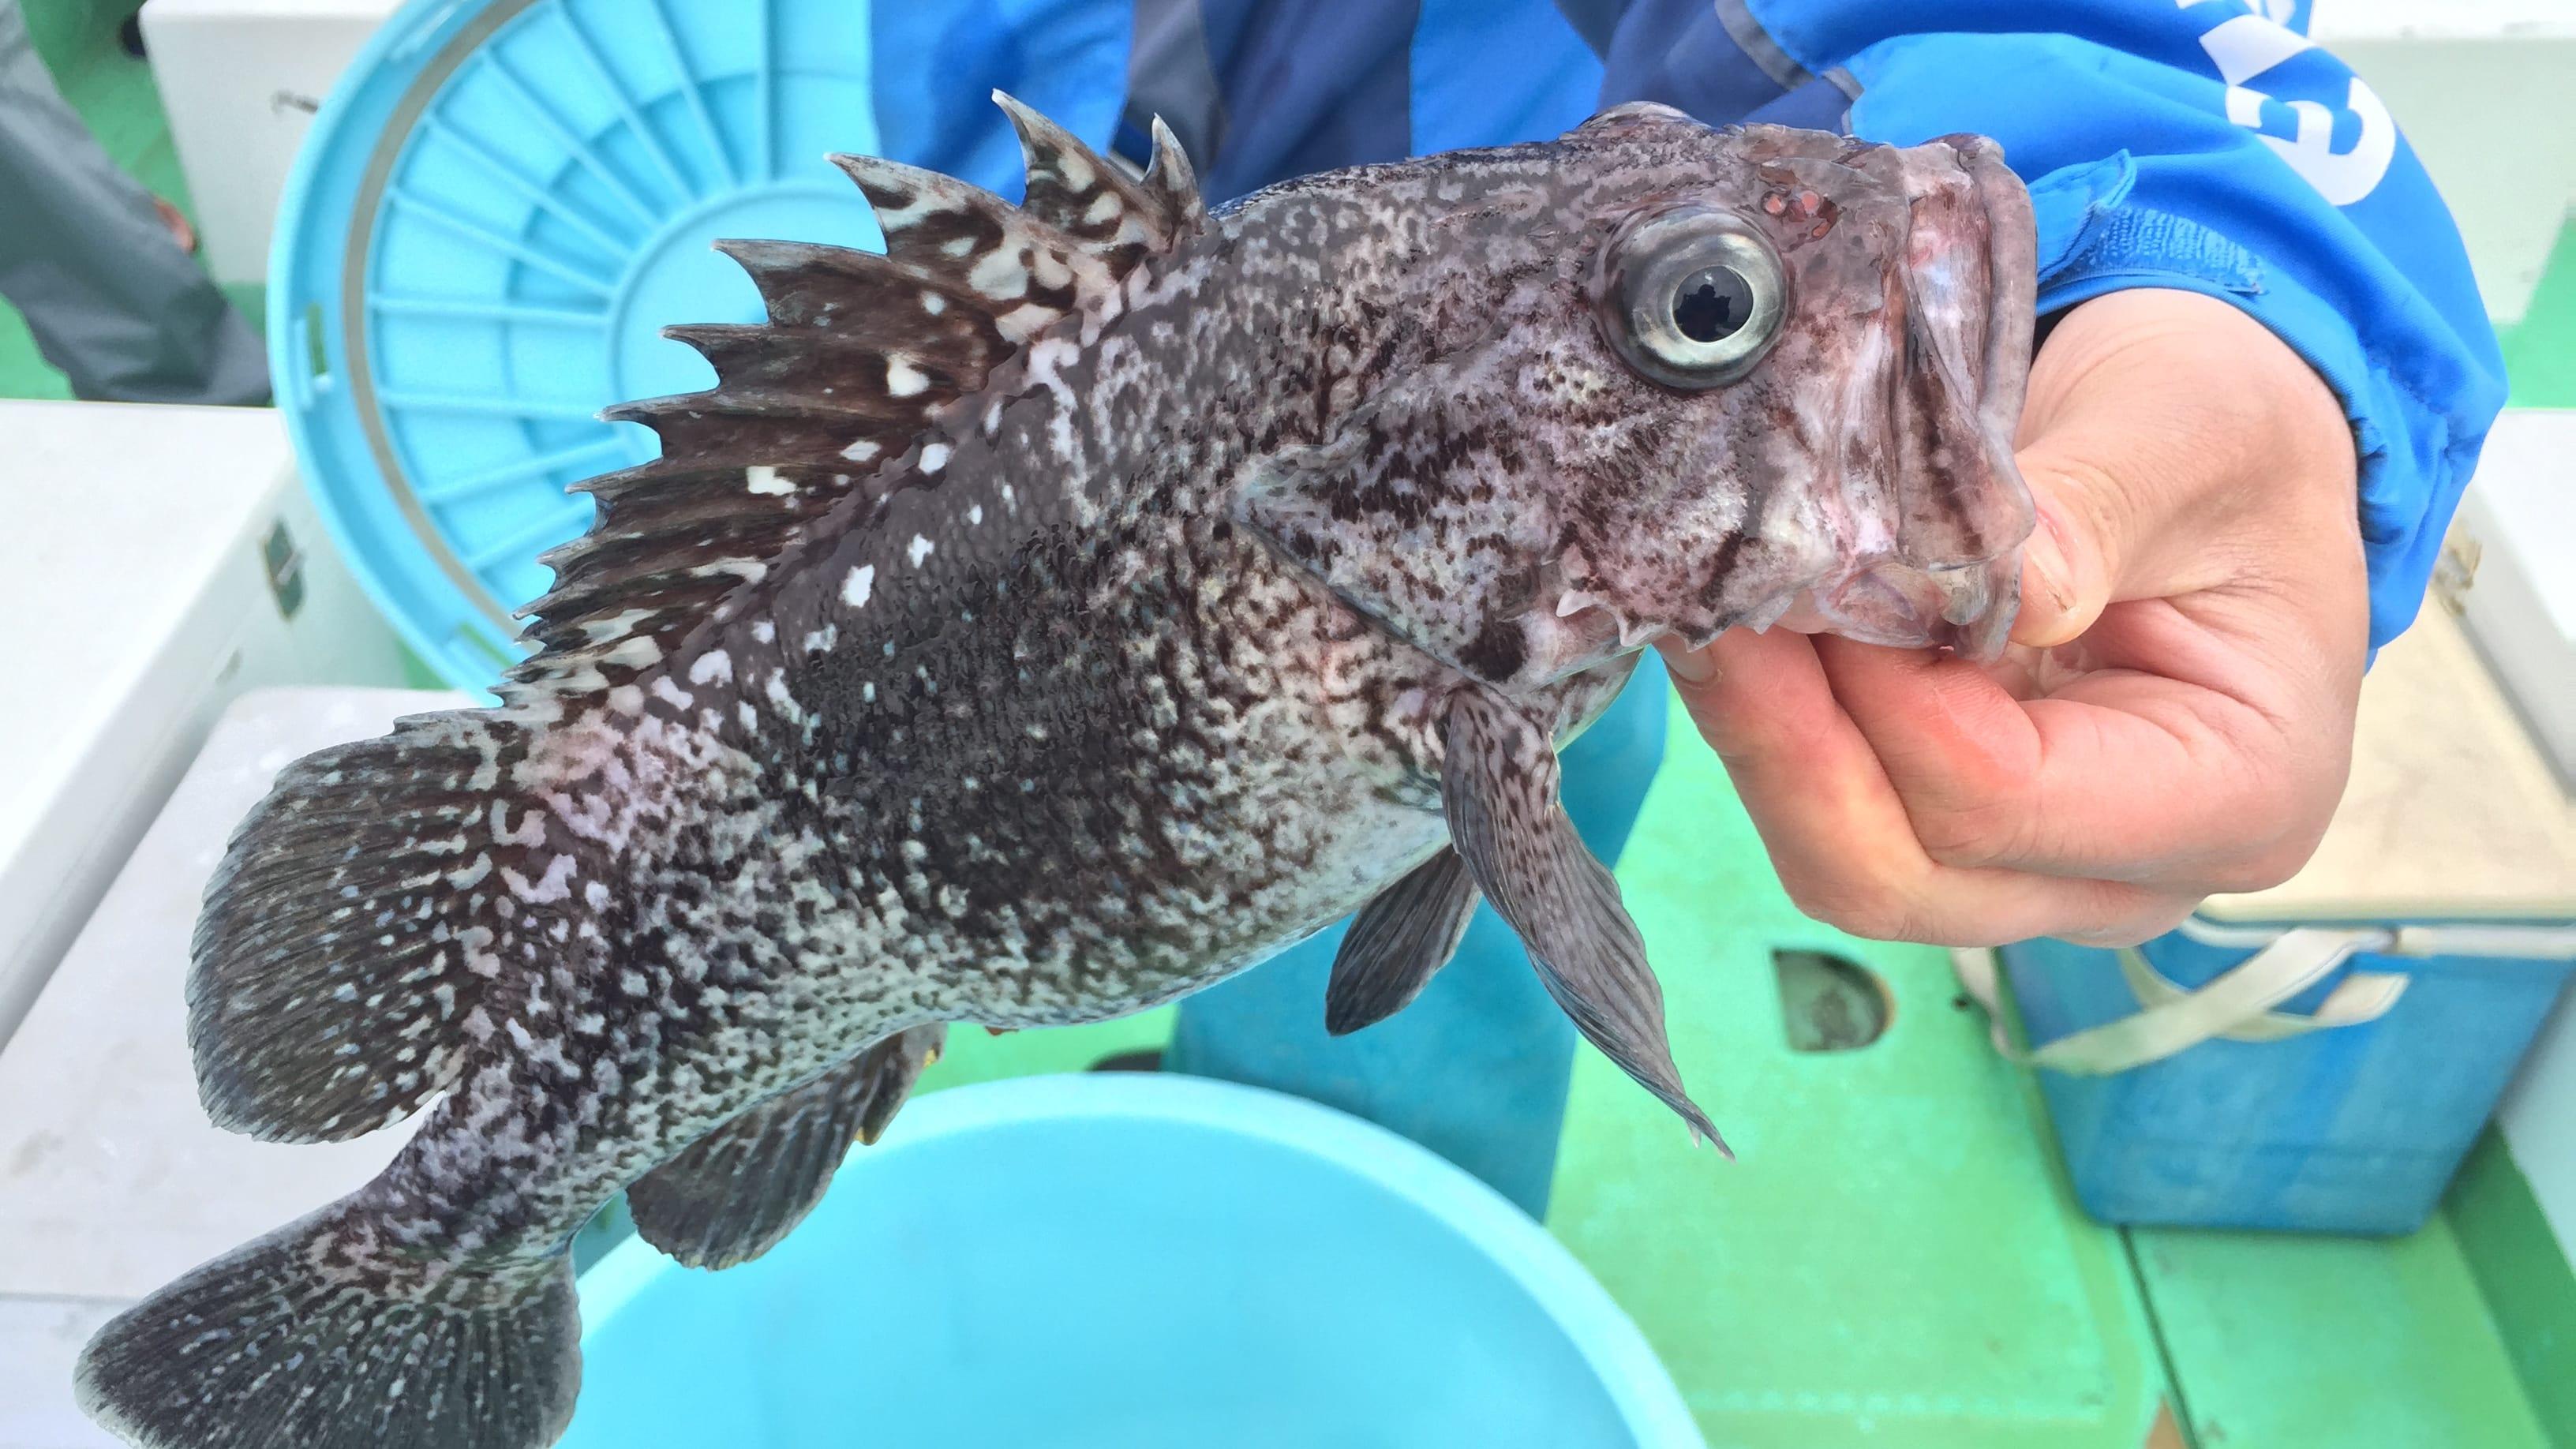 こちらはマゾイ。とてもおいしい魚だが、試験操業の対象になっておらず食べられない。